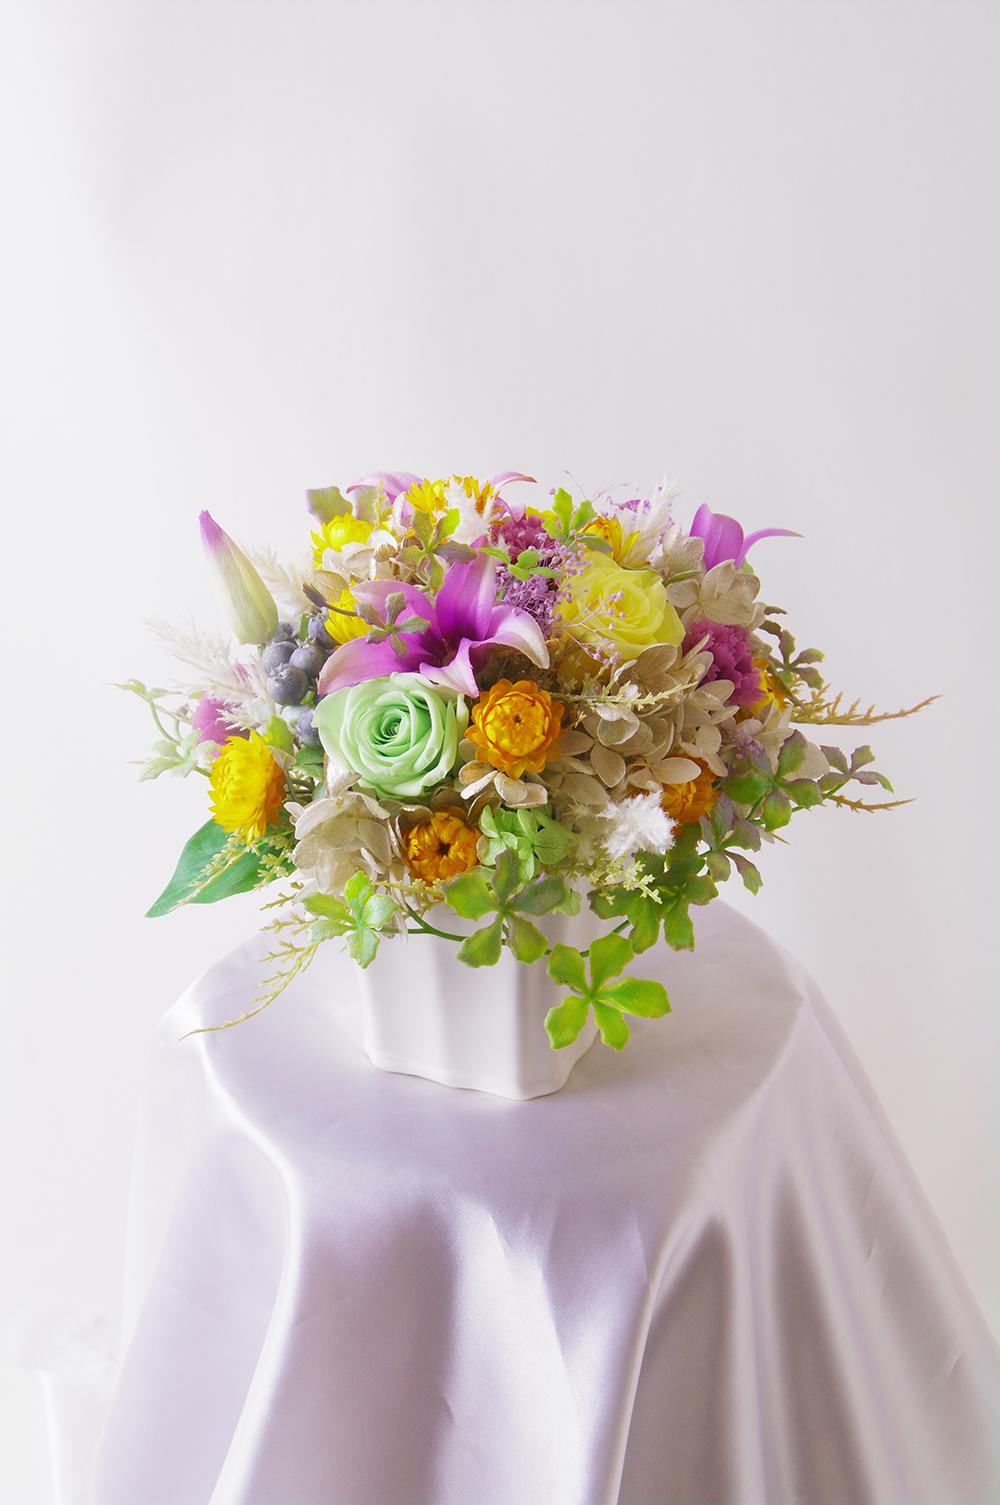 ずっと楽しめるお花のご注文が続いています